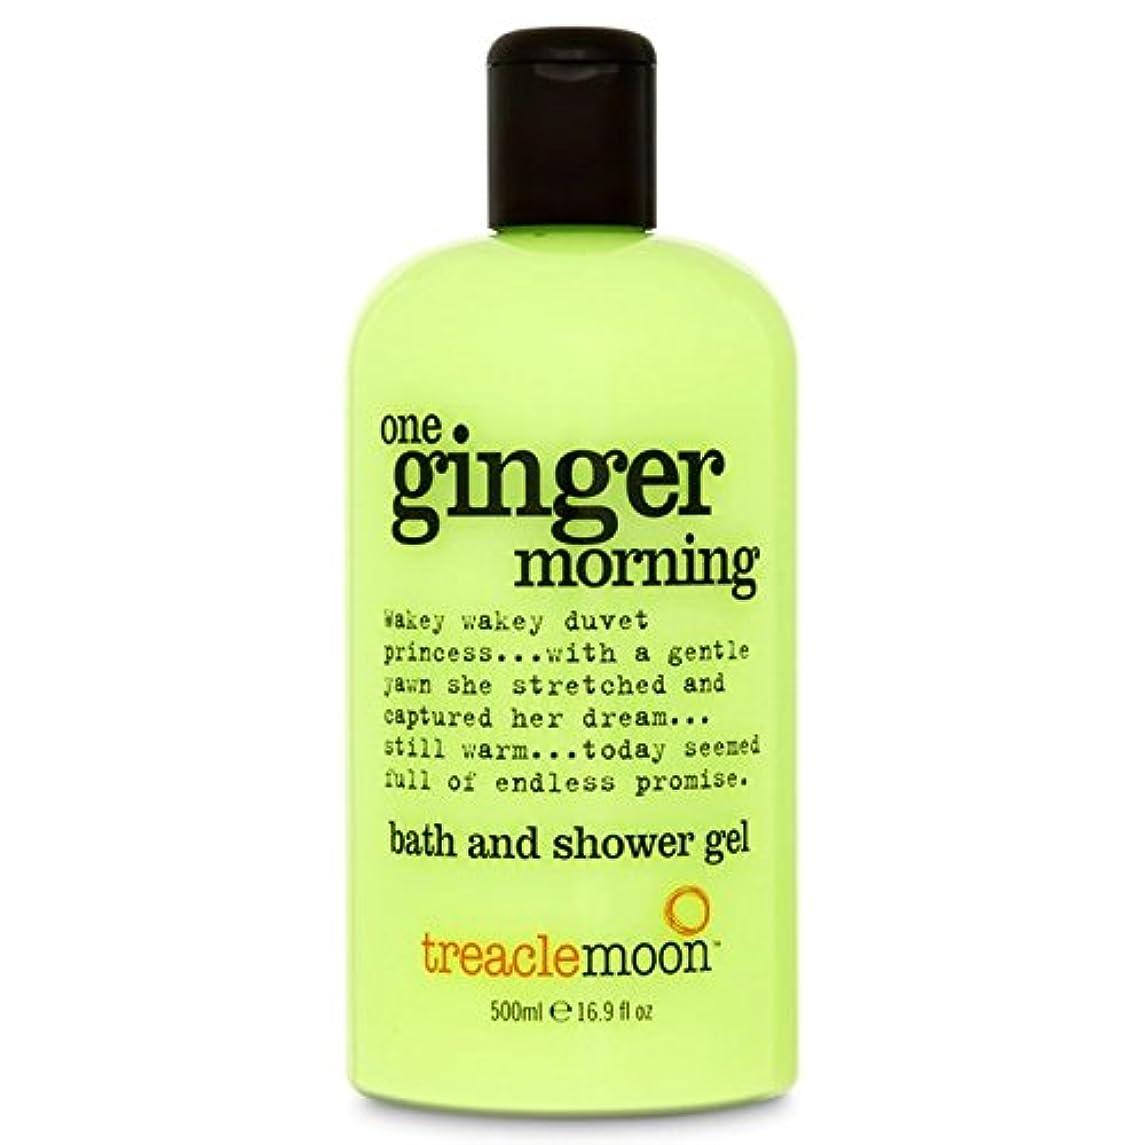 地下室比率重荷Treacle Moon Ginger Bath & Shower Gel 500ml - 糖蜜ムーンジンジャーバス&シャワージェル500ミリリットル [並行輸入品]